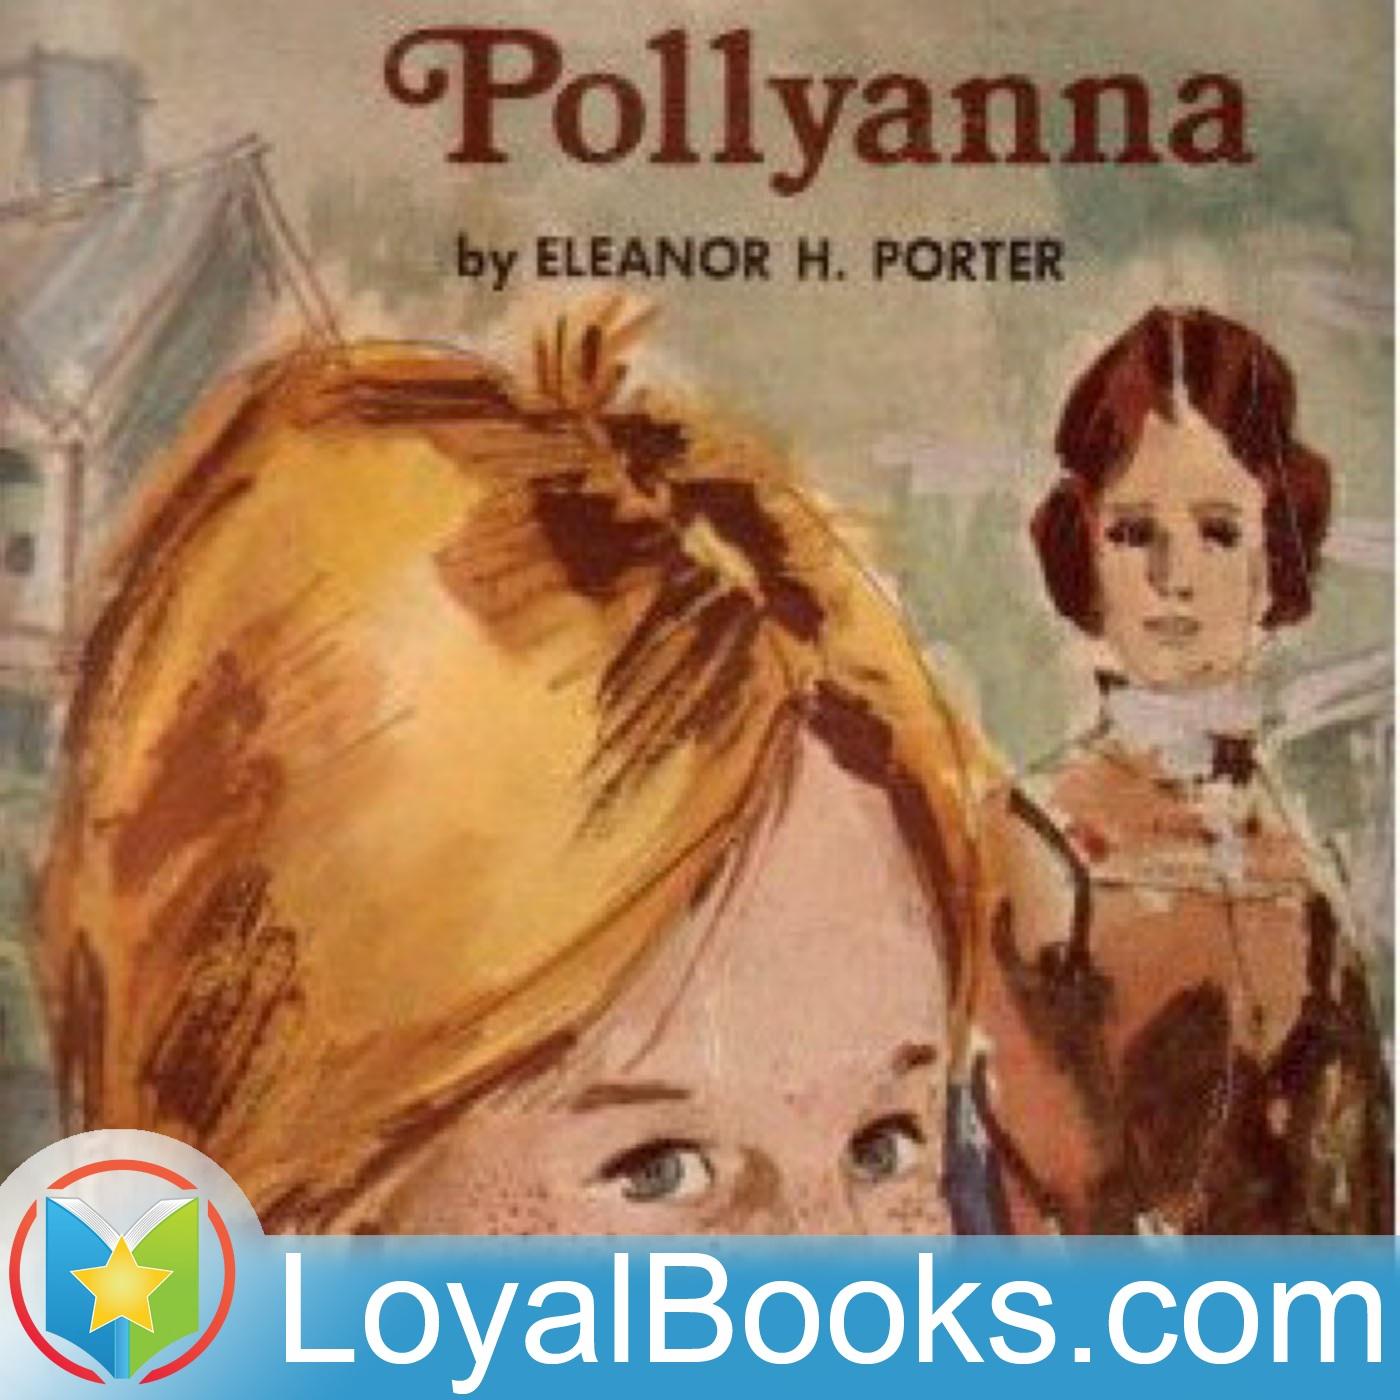 <![CDATA[Pollyanna by Eleanor H. Porter]]>